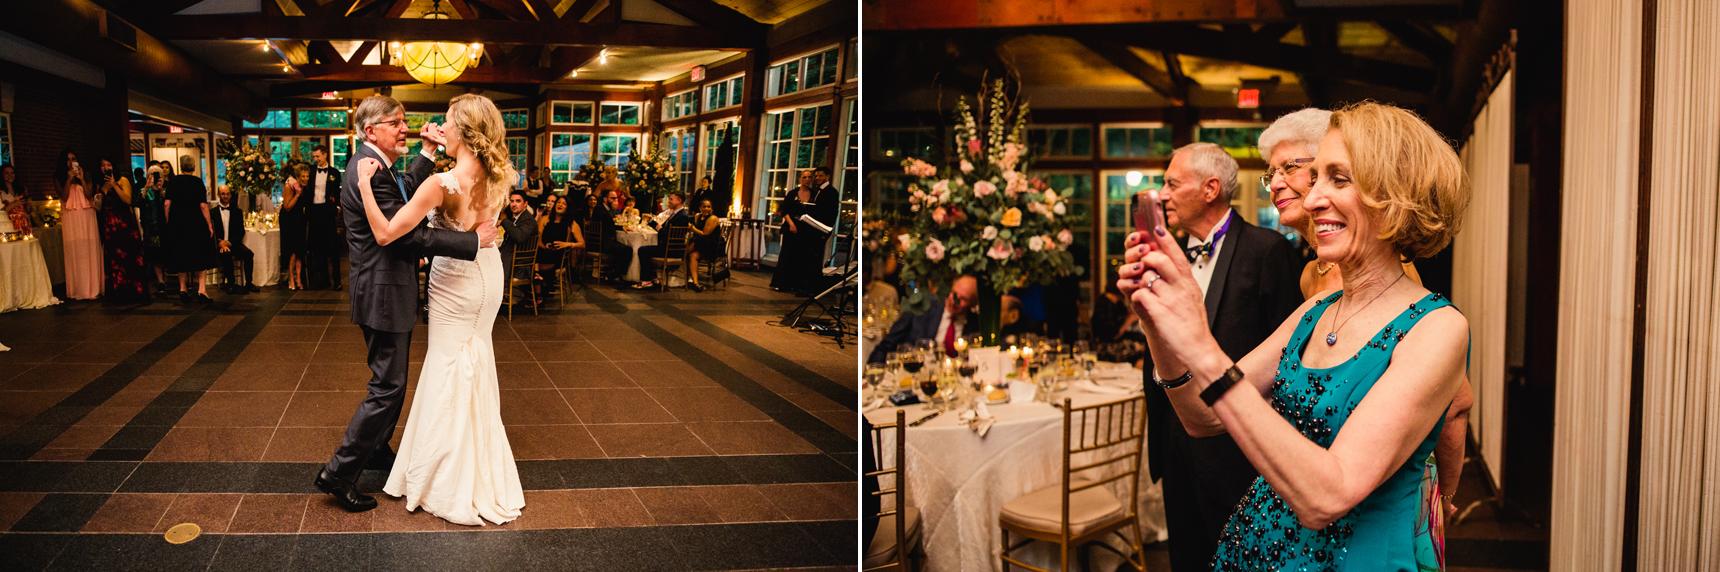 Jory_LoebBoathouse_CentralPark_NewYork_WeddingPhotographer119.jpg